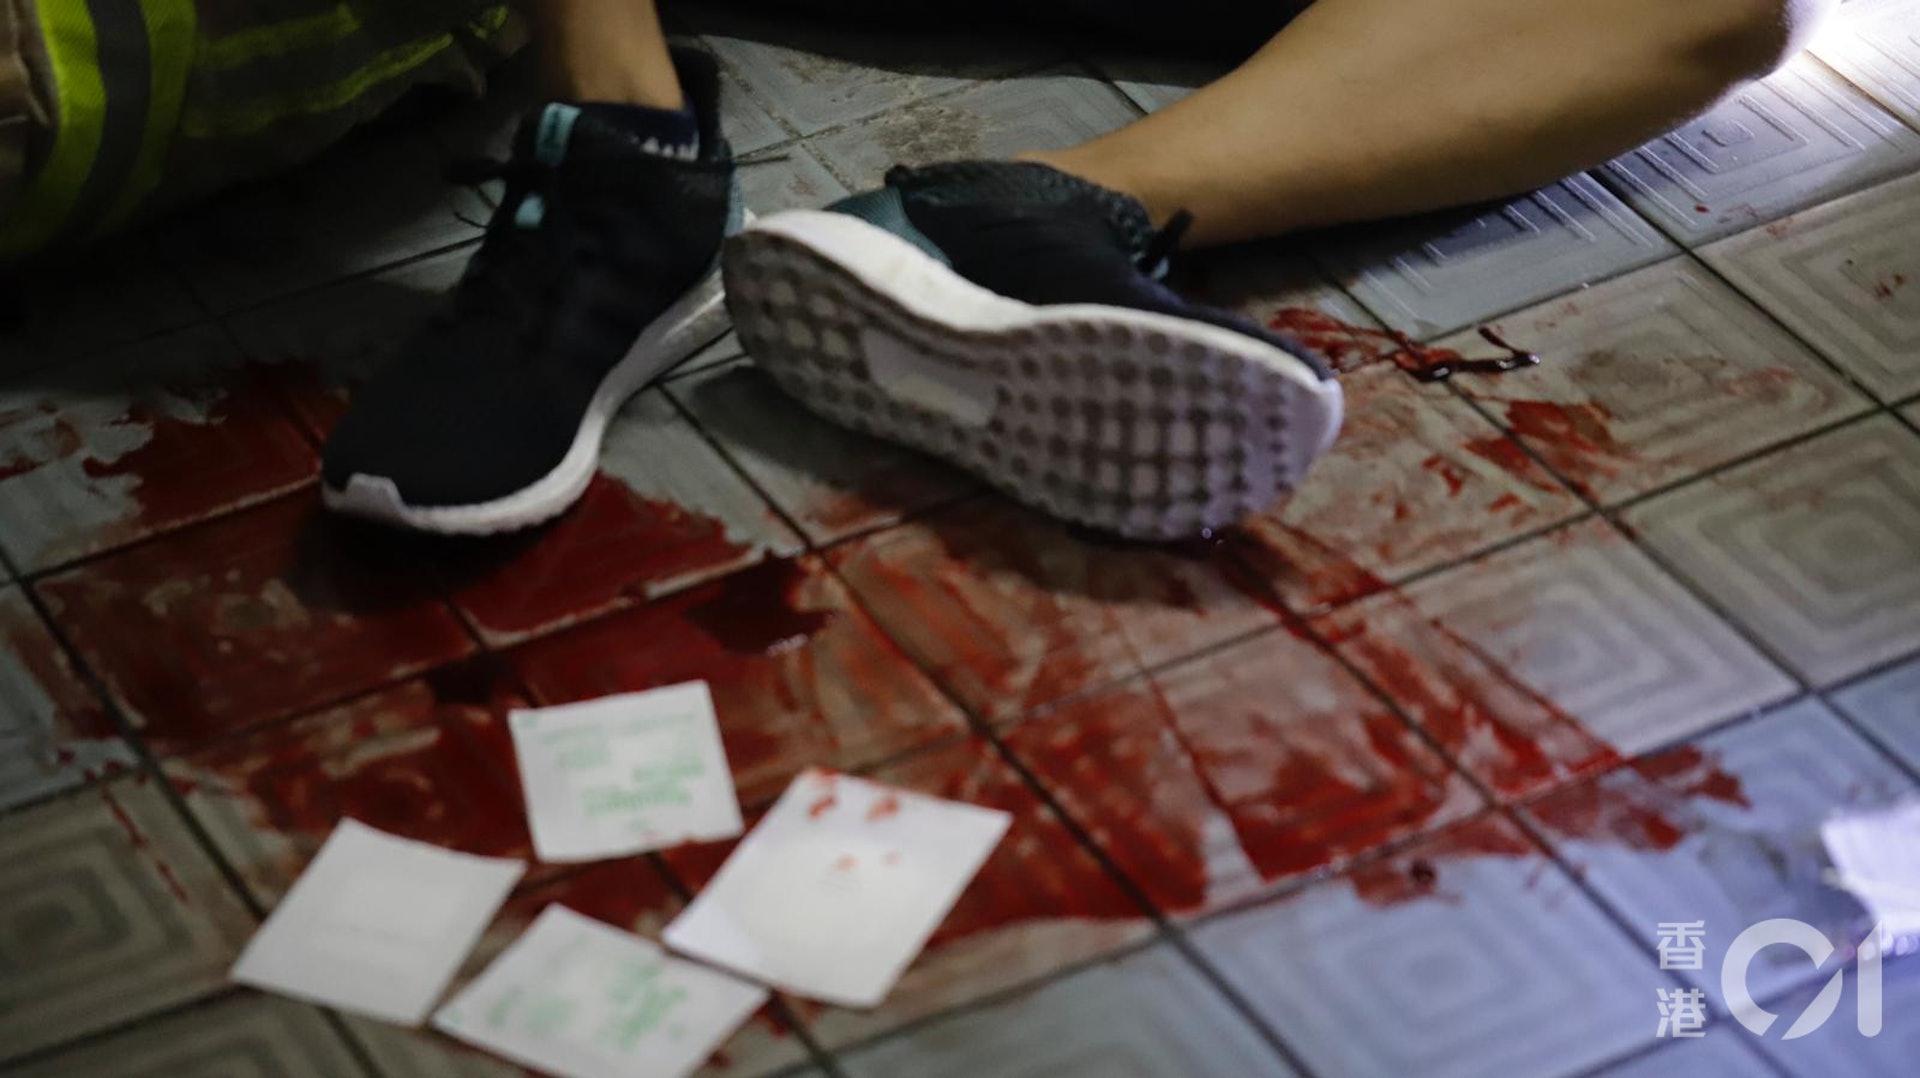 ���强拼笊�大量流血。(�x者提供)